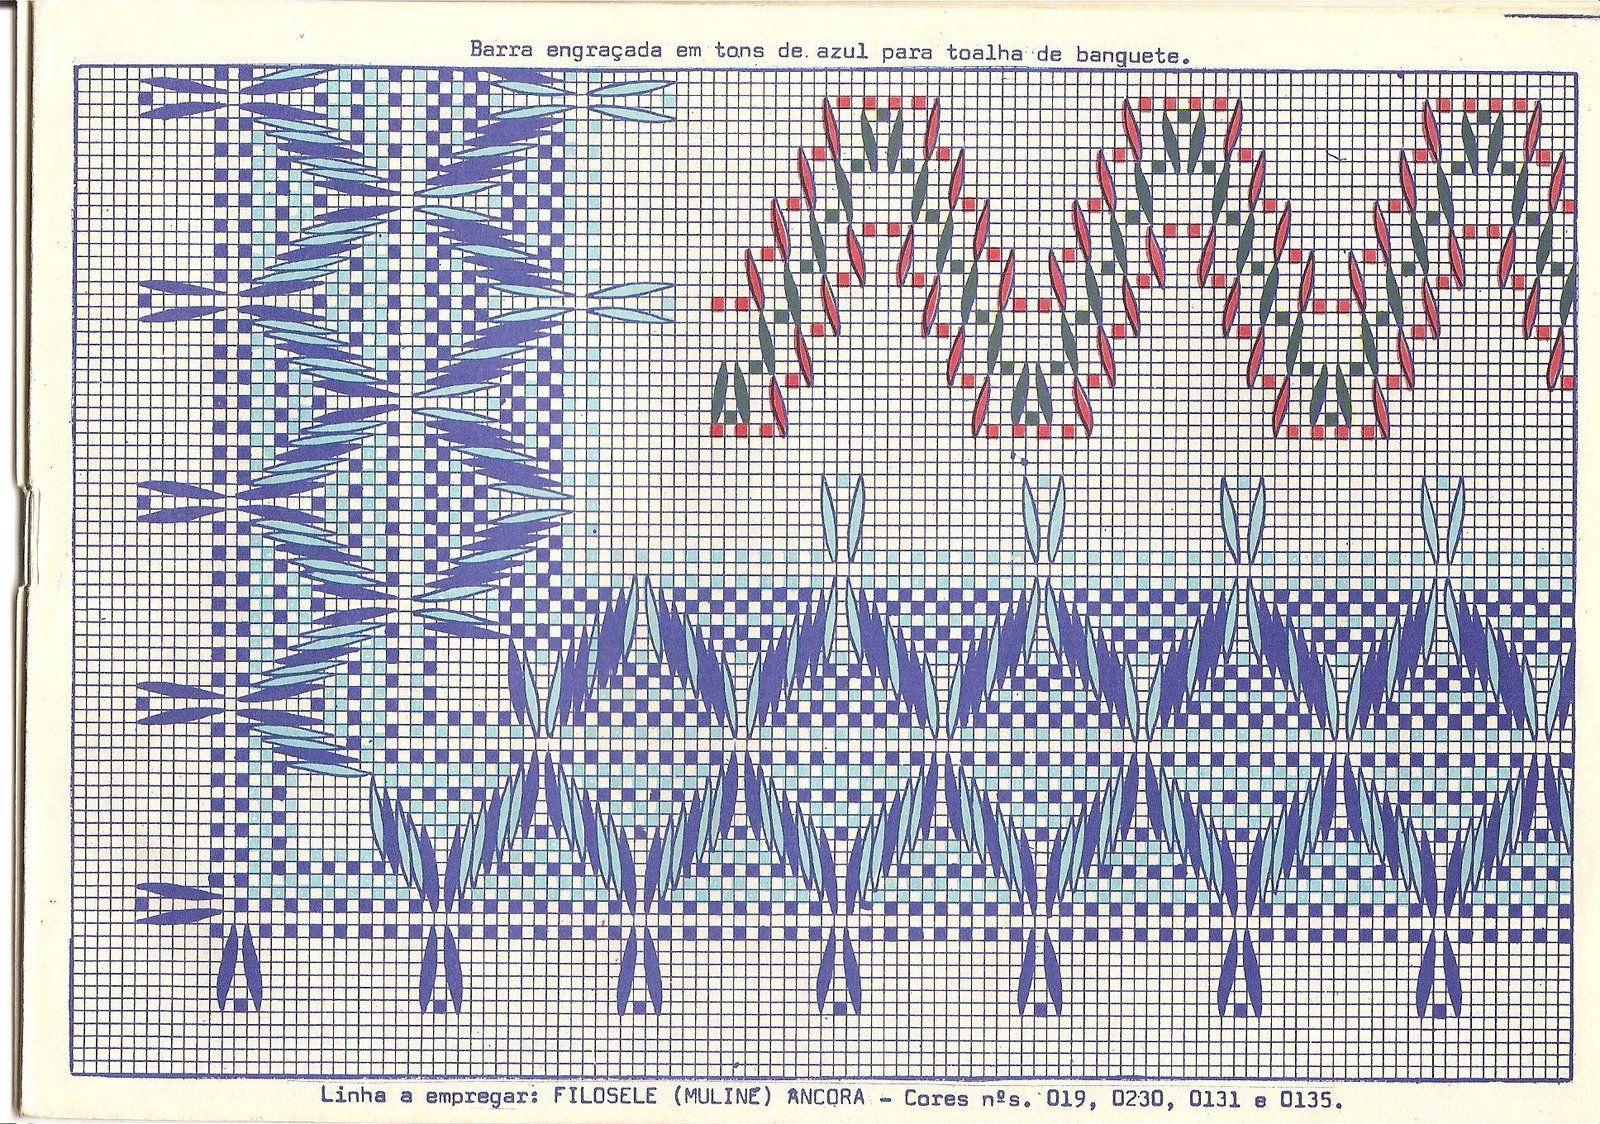 2.bp.blogspot.com -fjqsNSnIxR4 USyjJ1qT9oI AAAAAAAAc4c SOpNvN7Me3I s1600 httpmispasionespassiflora.blogspot.com.es)+(113).jpg